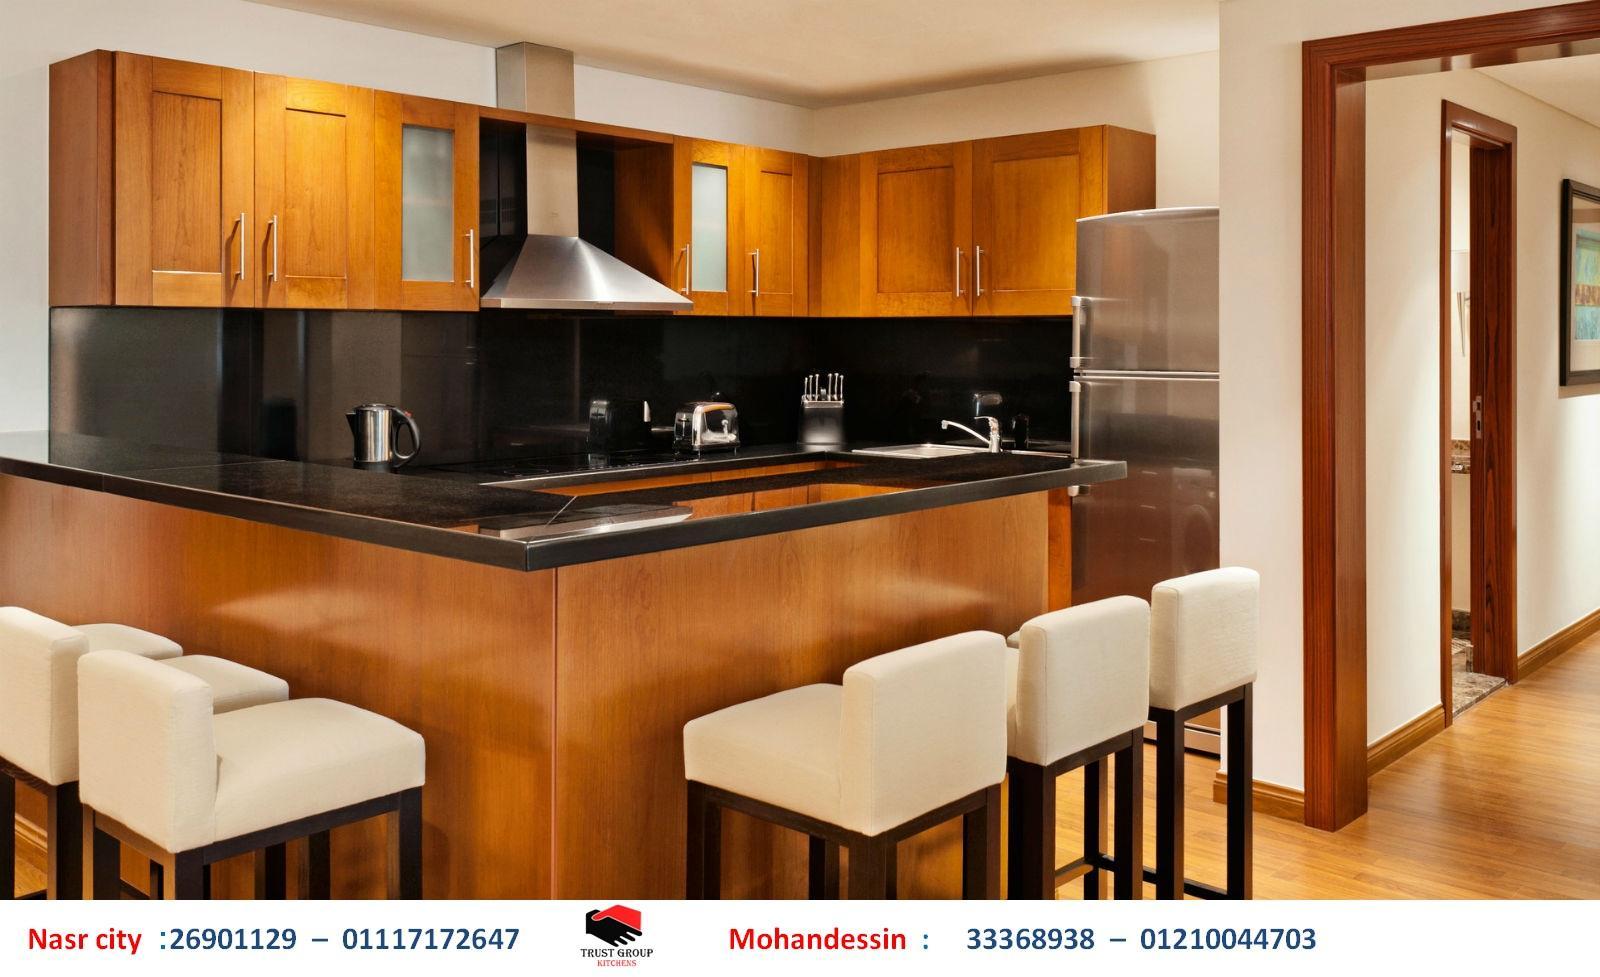 مطابخ السعودية -  افضل سعر      01117172647 951491541